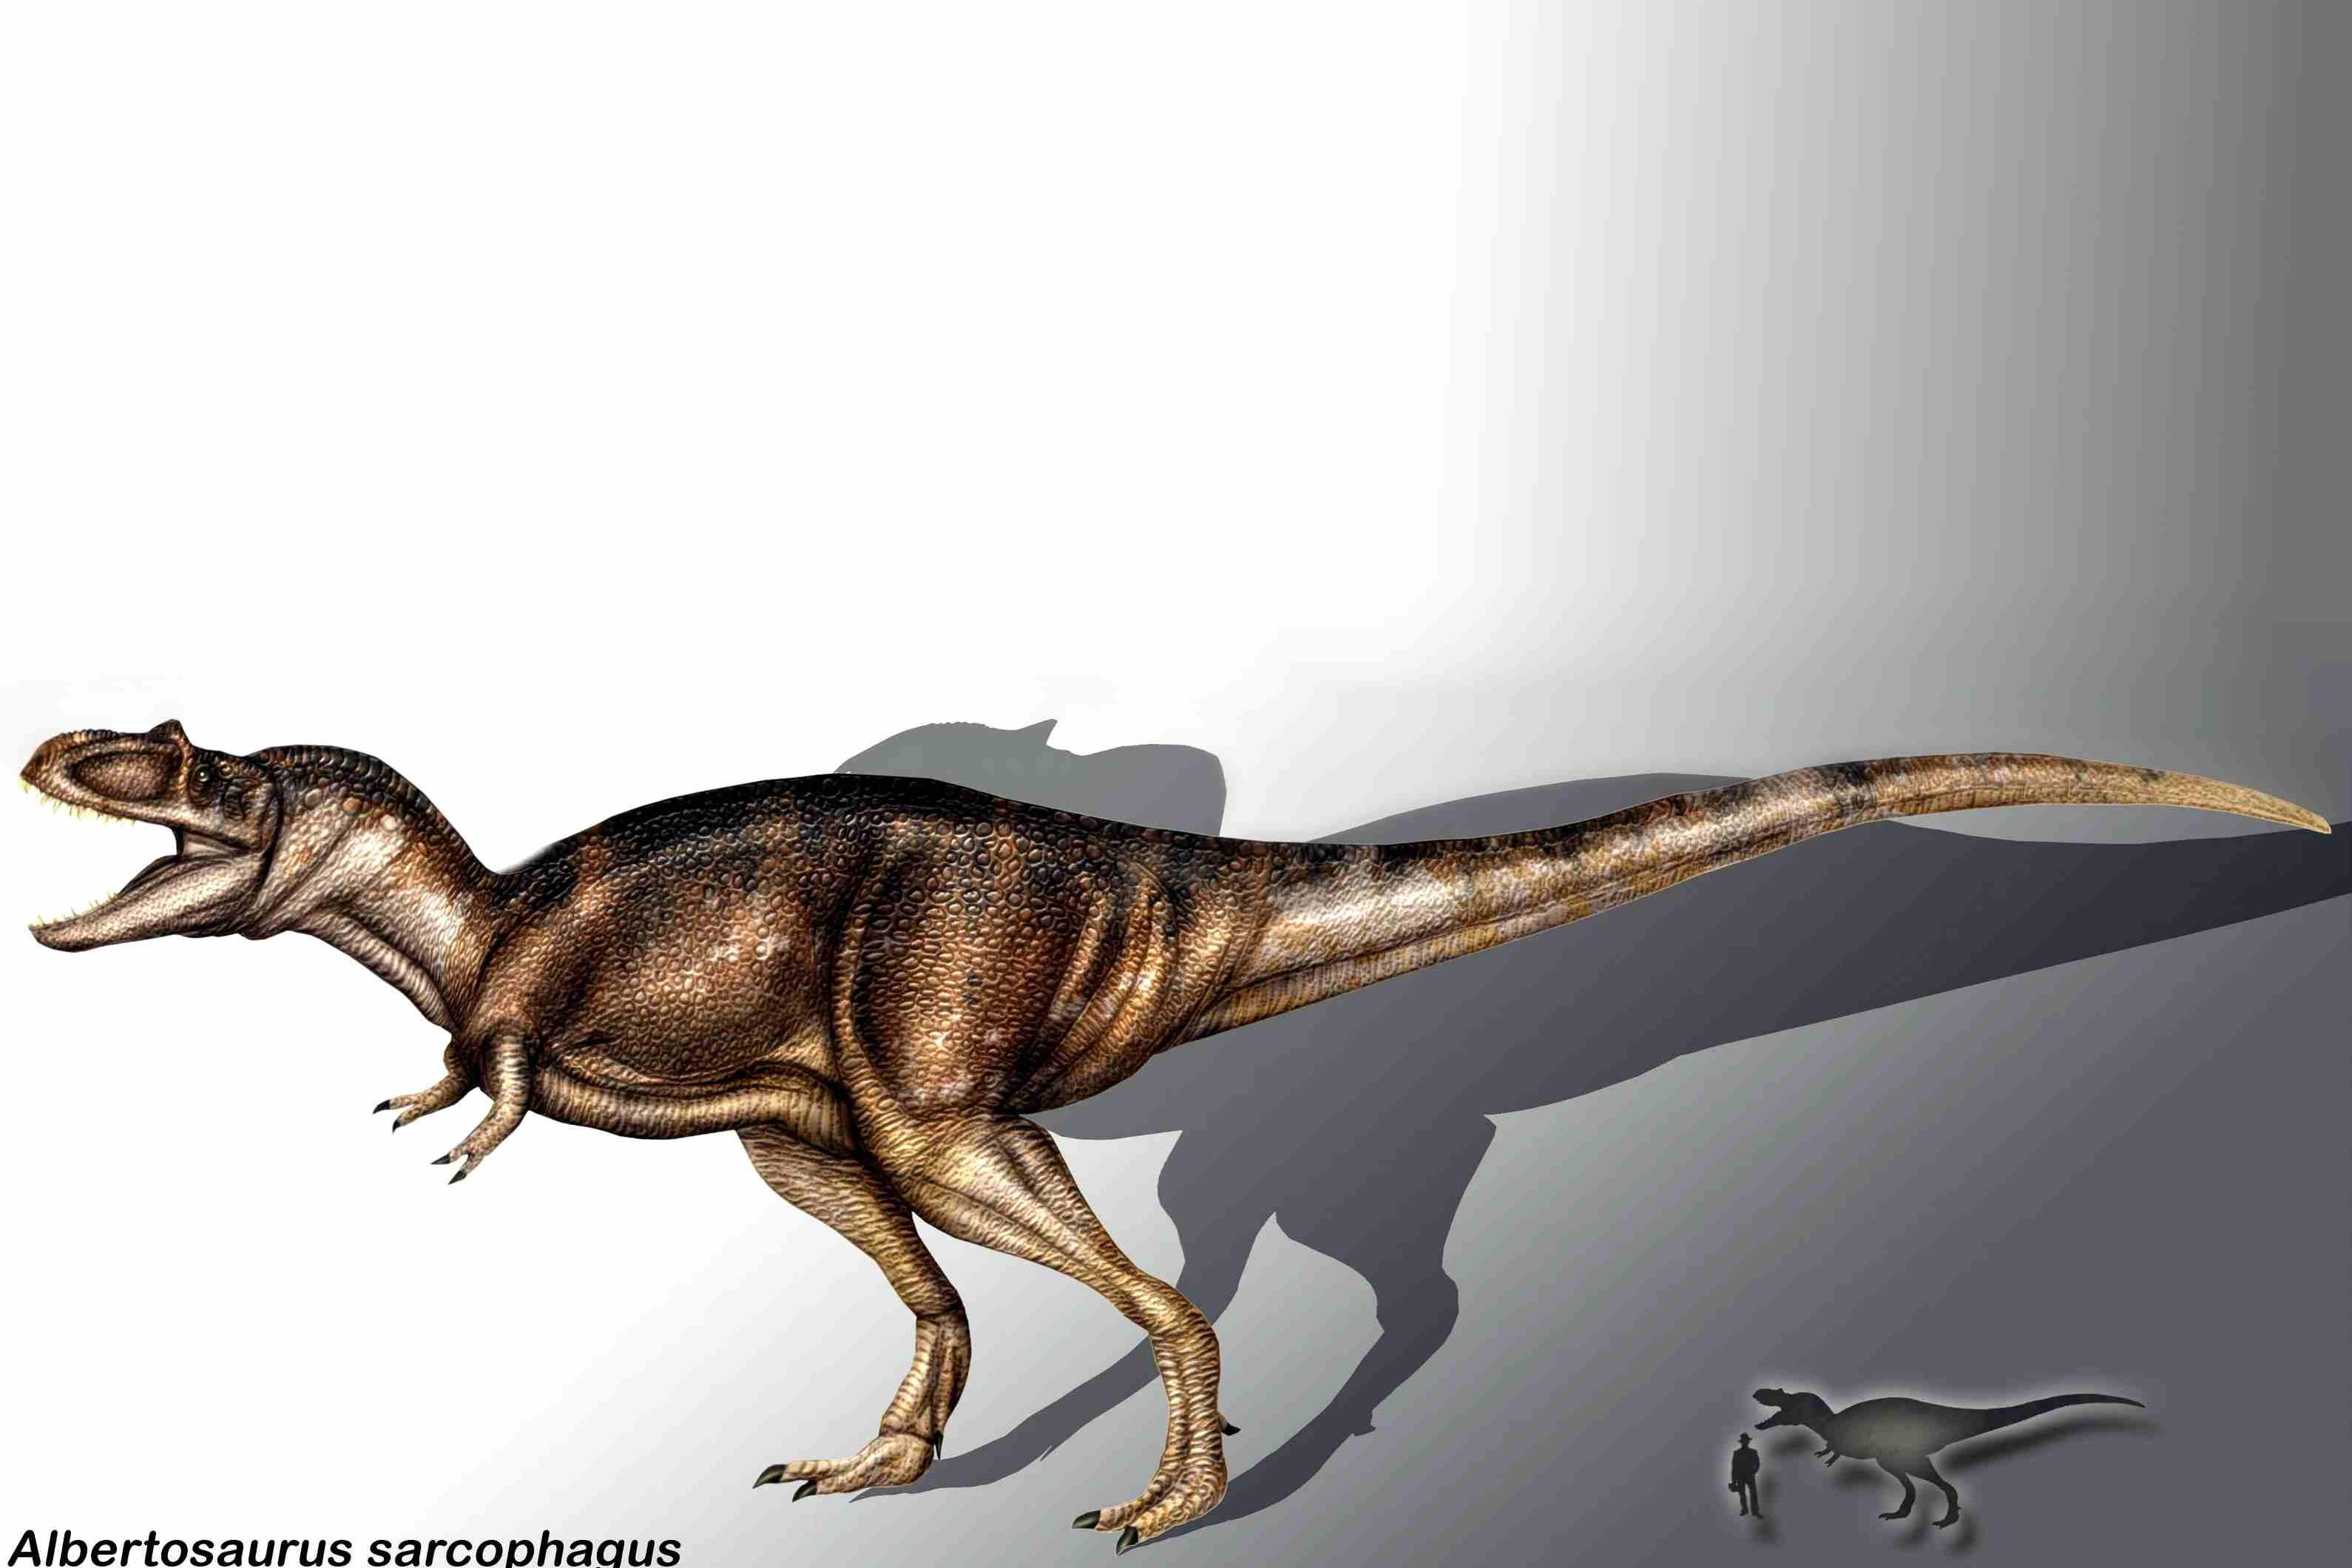 Albertosaurus appears in scale alongside a human male